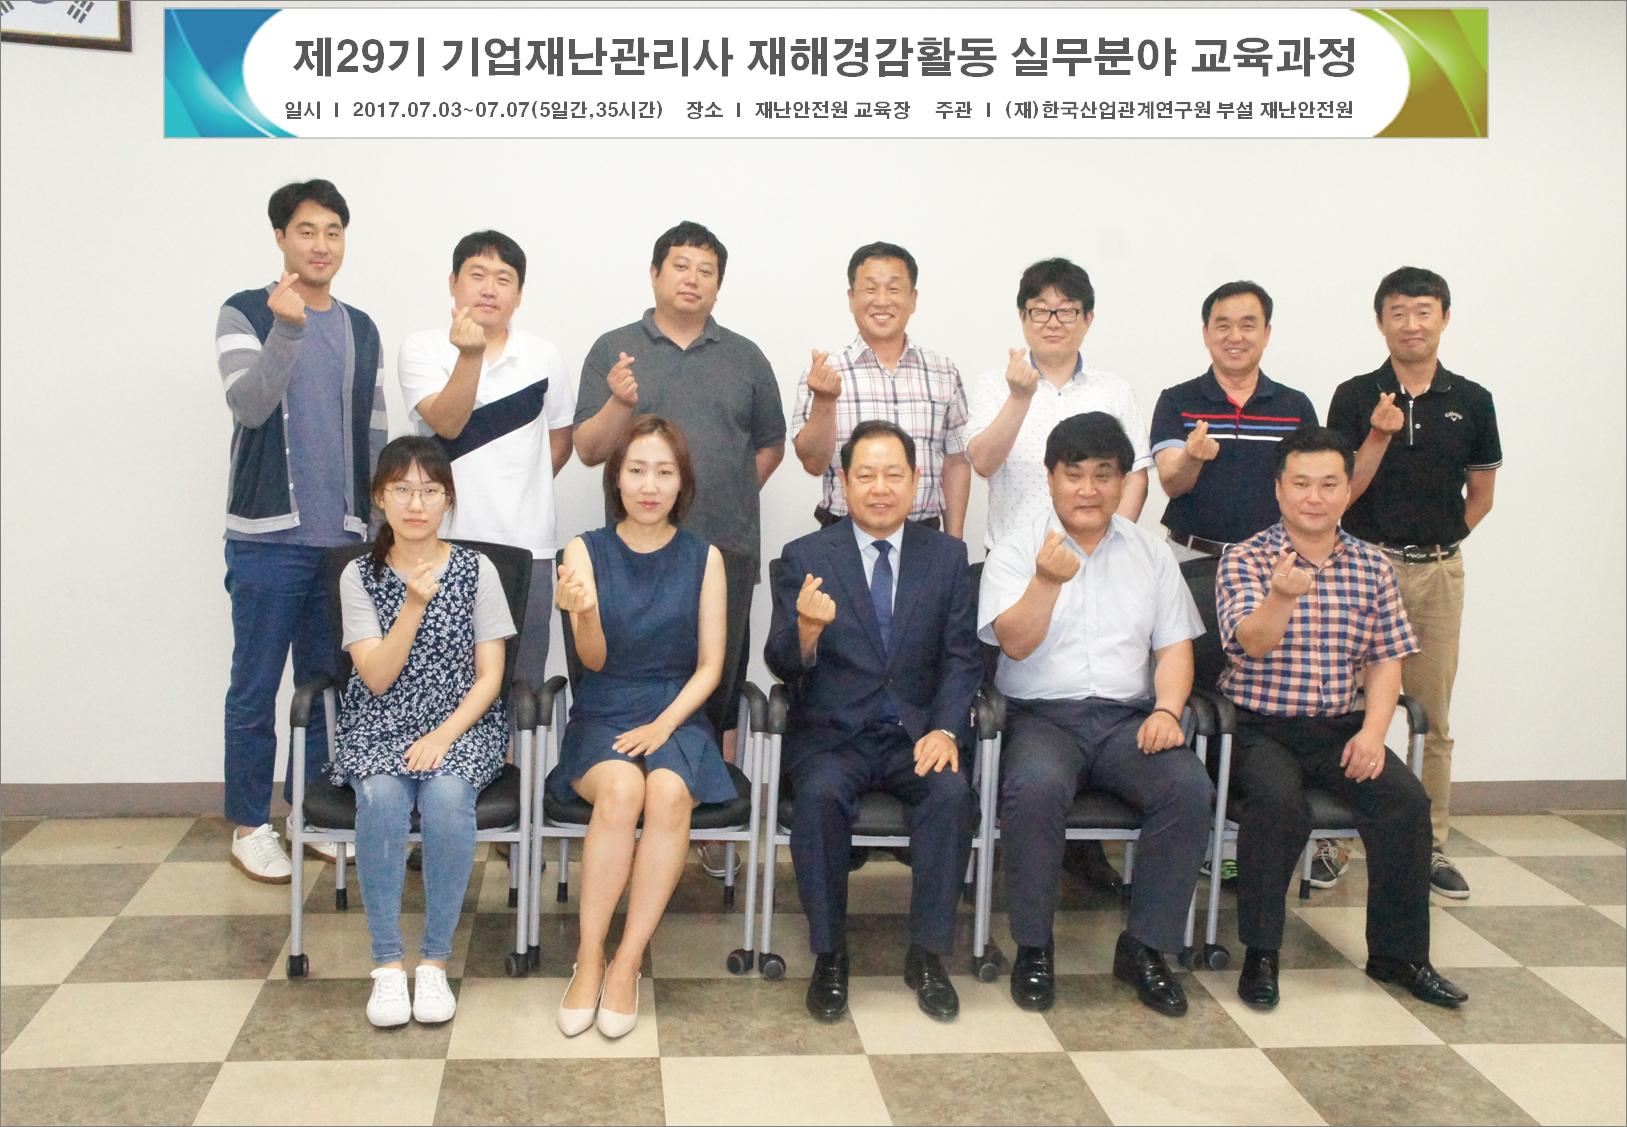 기재 실무분야_제29기(서울,평일반)170703-0707.png